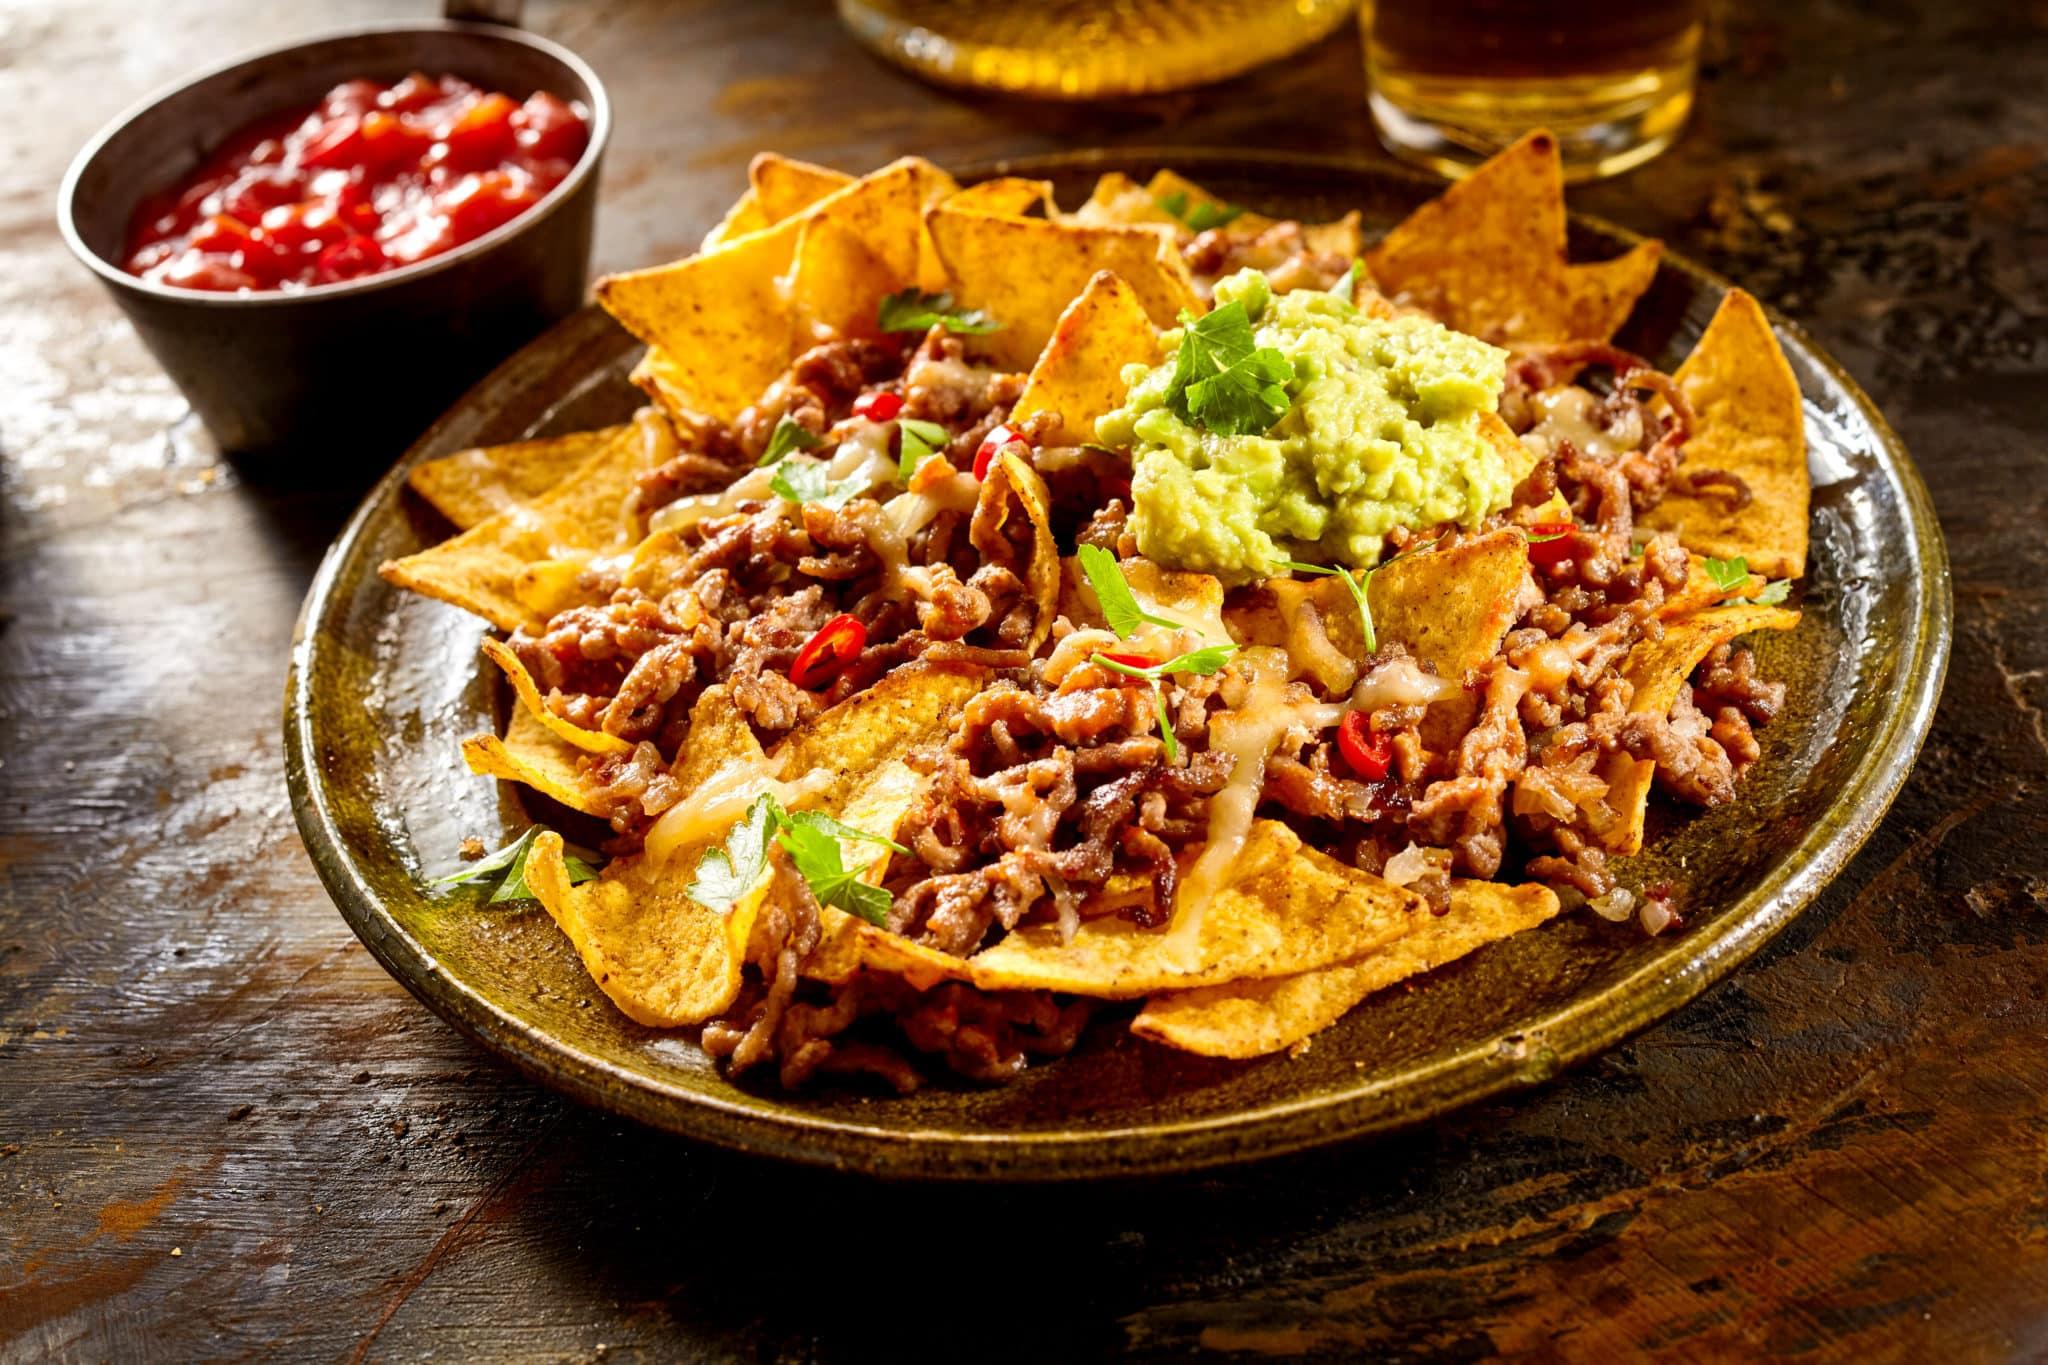 Marisol's vegetarian nachos